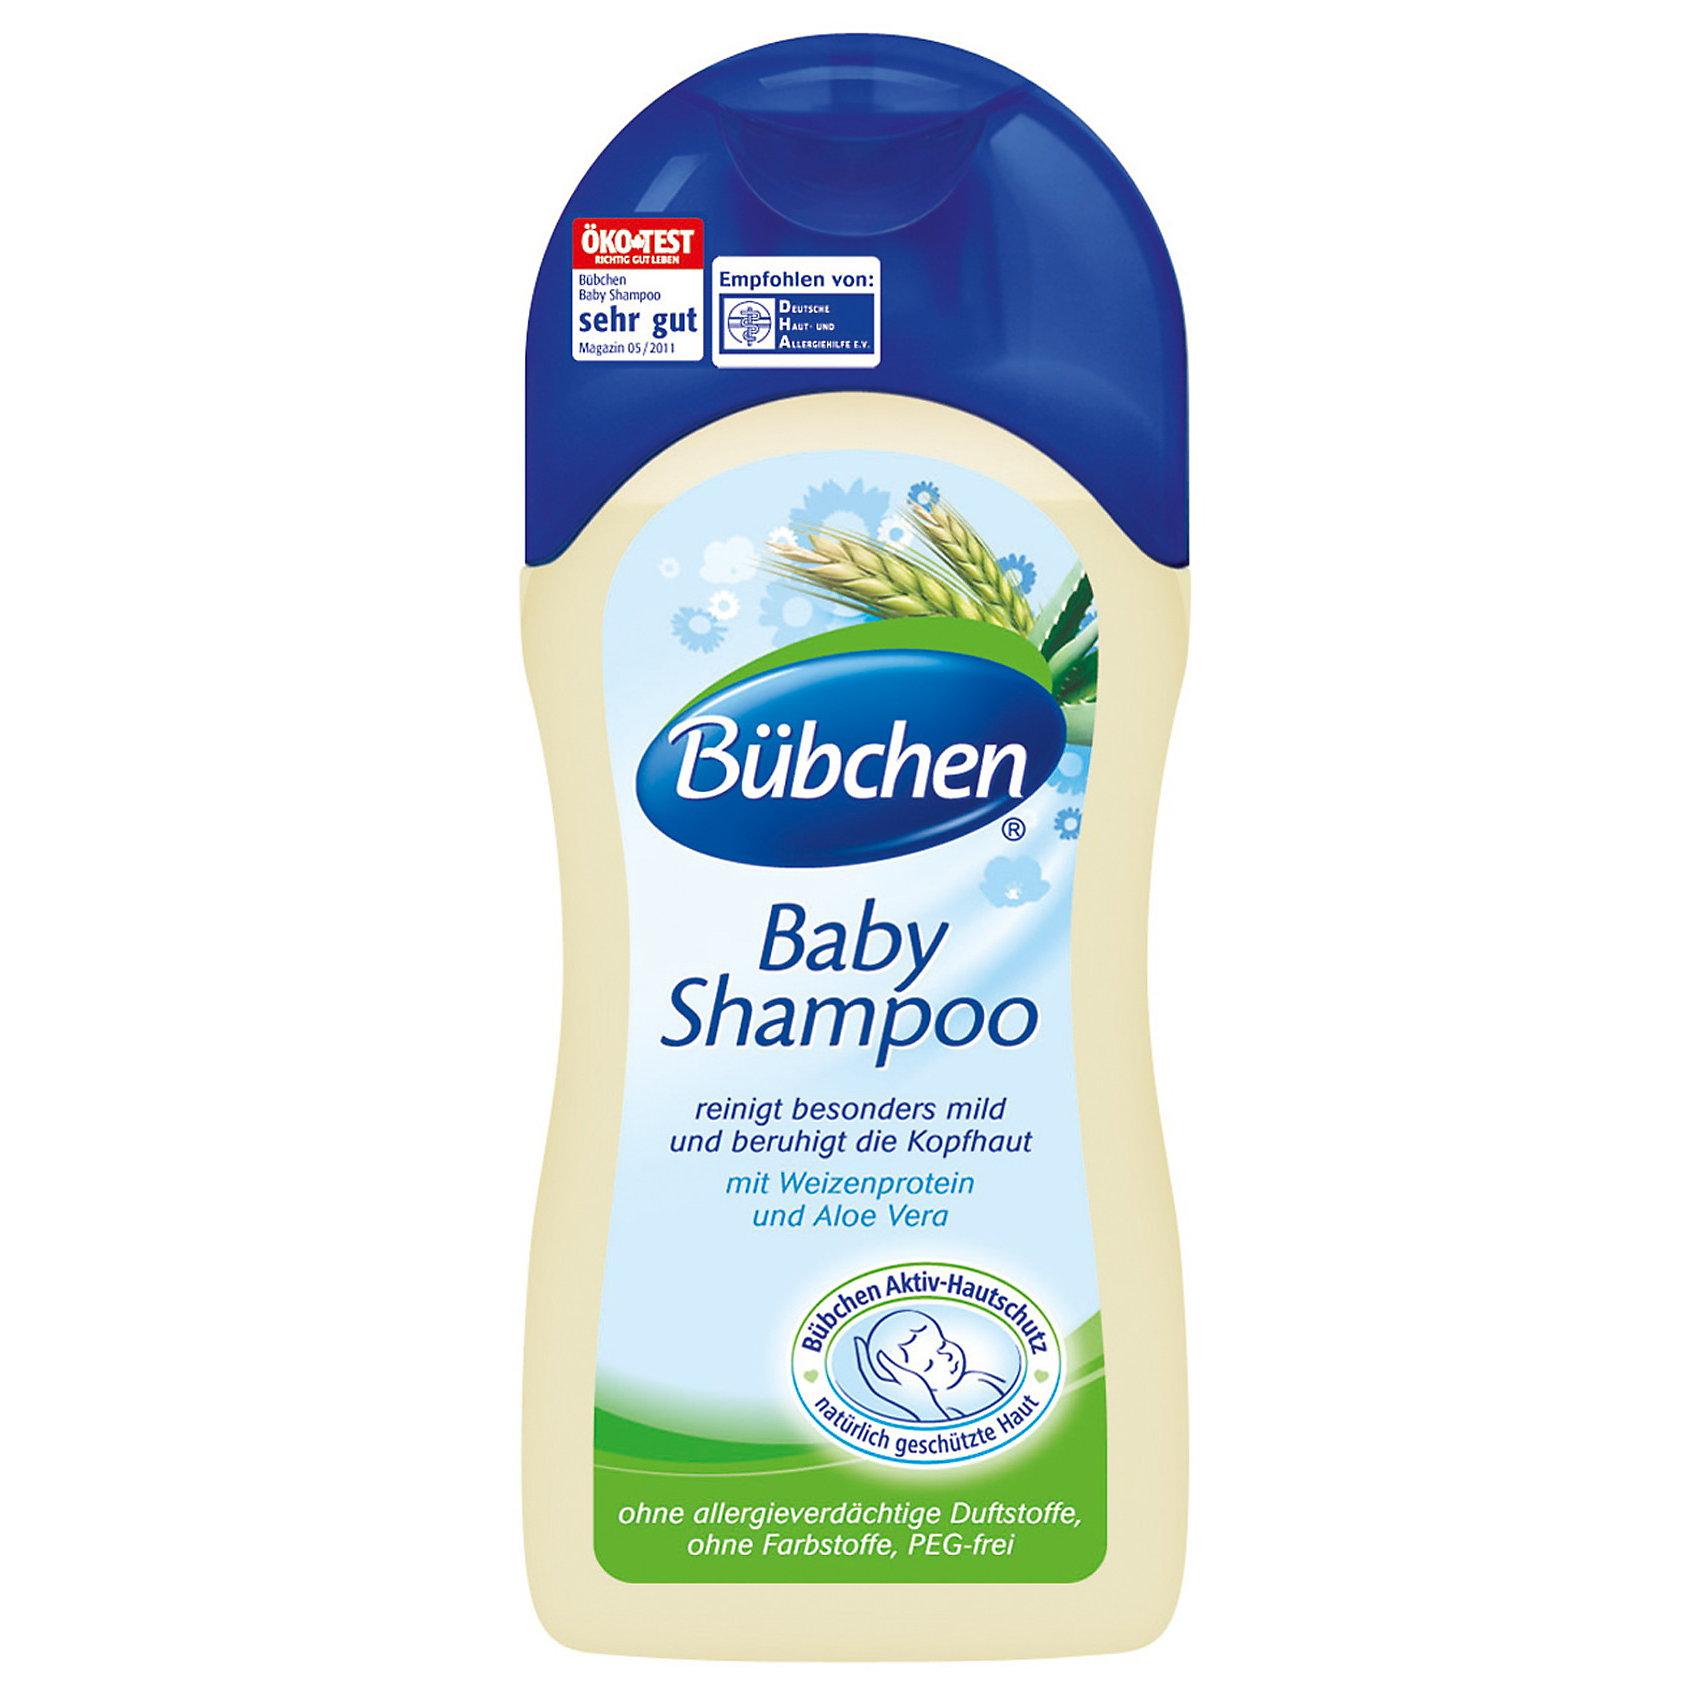 Шампунь для младенцев, BUBCHEN , 200 мл.Шампунь для младенцев, BUBCHEN , 200 мл. – мягкое очищение волос без раздражения глаз.<br>Благодаря составу шампуня вы можете быть уверены, что мытье нежной кожи головы пройдет без проблем. Алоэ Вера, в совокупности с пантенолом и экстрактом ромашки, смягчает кожу, устраняя раздражение. Шампунь не содержит мыла и благодаря пшенице в составе легко удаляет молочные корочки на голове новорожденного. Такой шампунь абсолютно безвреден, ведь его состав разрабатывался с опытными педиатрами и дерматологами, поэтому его можно использовать с самого рождения.<br><br>Дополнительная информация:<br>- состав: экстракт ромашки, пантенол, Алоэ Вера<br>- объем: 200 мл<br>- срок годности 2 года<br>- производитель Бюбхен, Германия<br><br>Шампунь для младенцев, BUBCHEN , 200 мл. можно купить в нашем интернет магазине.<br><br>Ширина мм: 168<br>Глубина мм: 68<br>Высота мм: 41<br>Вес г: 241<br>Возраст от месяцев: 0<br>Возраст до месяцев: 48<br>Пол: Унисекс<br>Возраст: Детский<br>SKU: 3515341